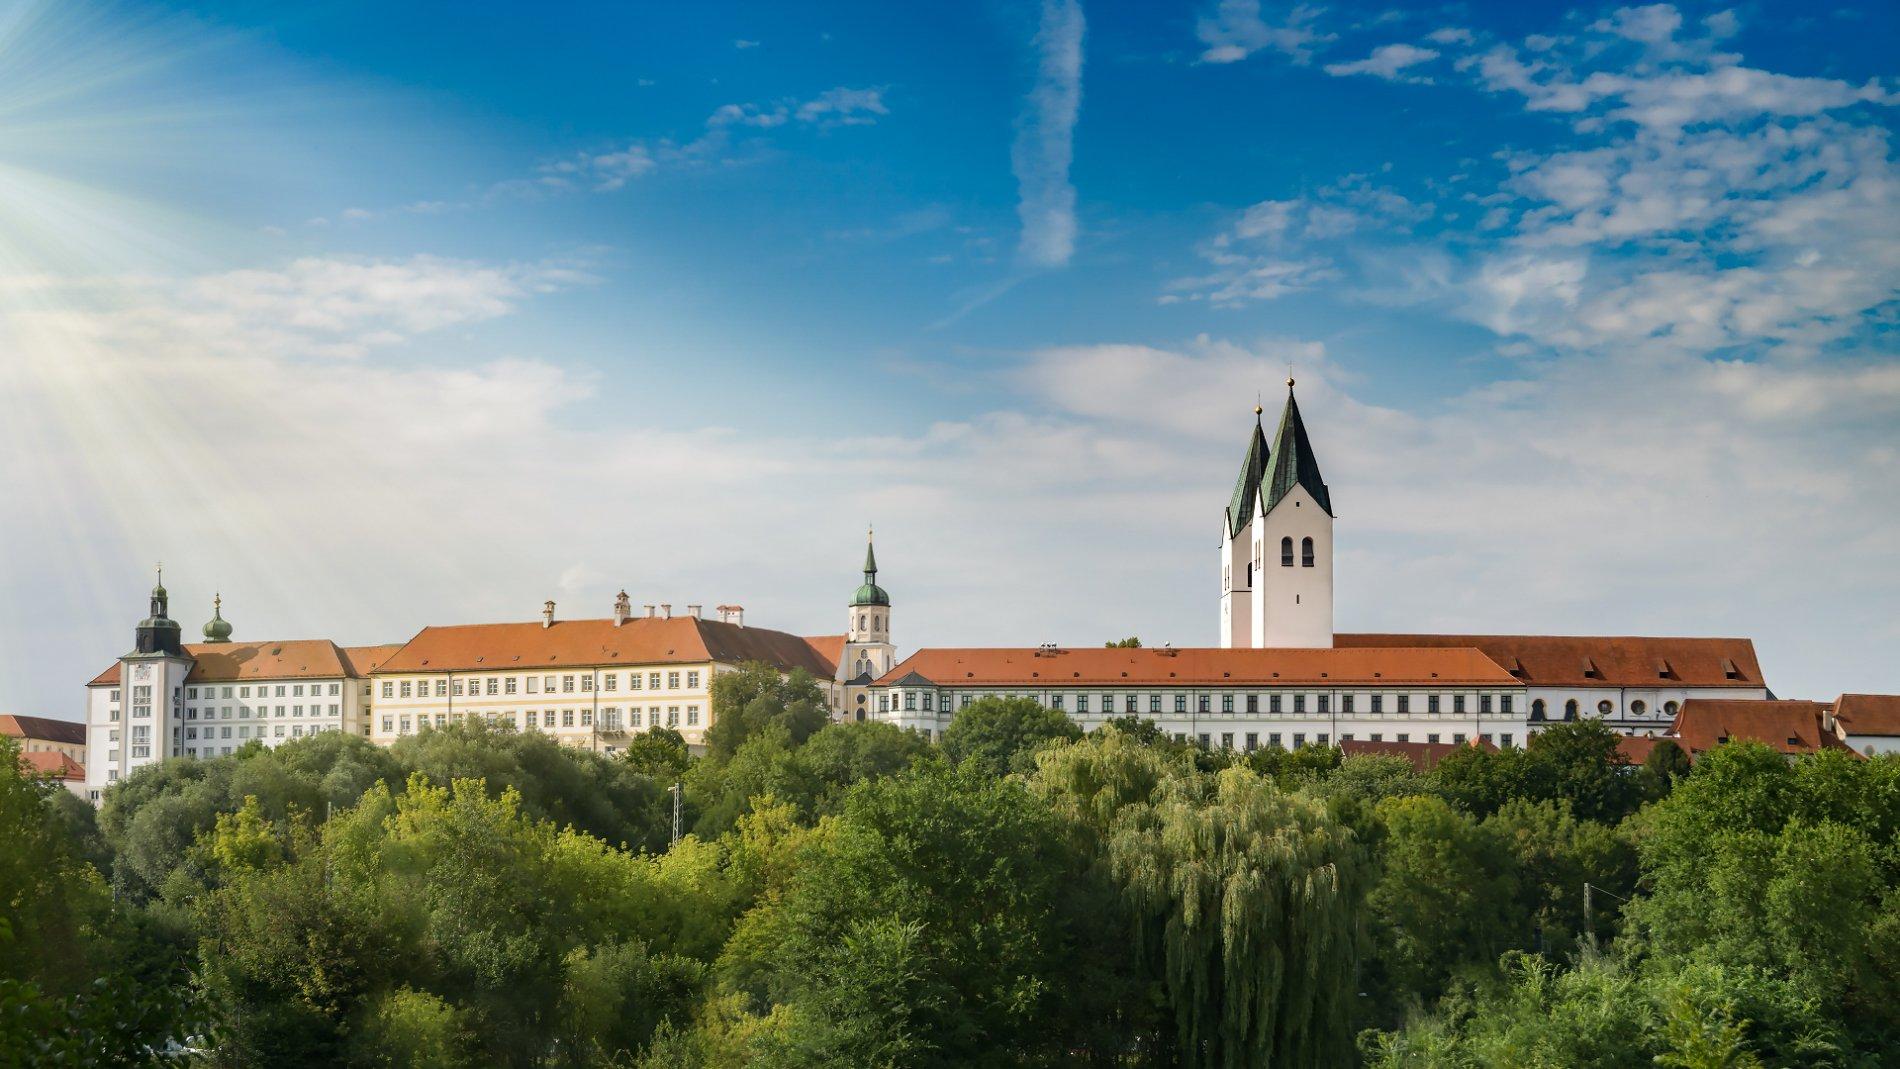 Der Freisinger Mariendom ist das Wahrzeichen von Freising